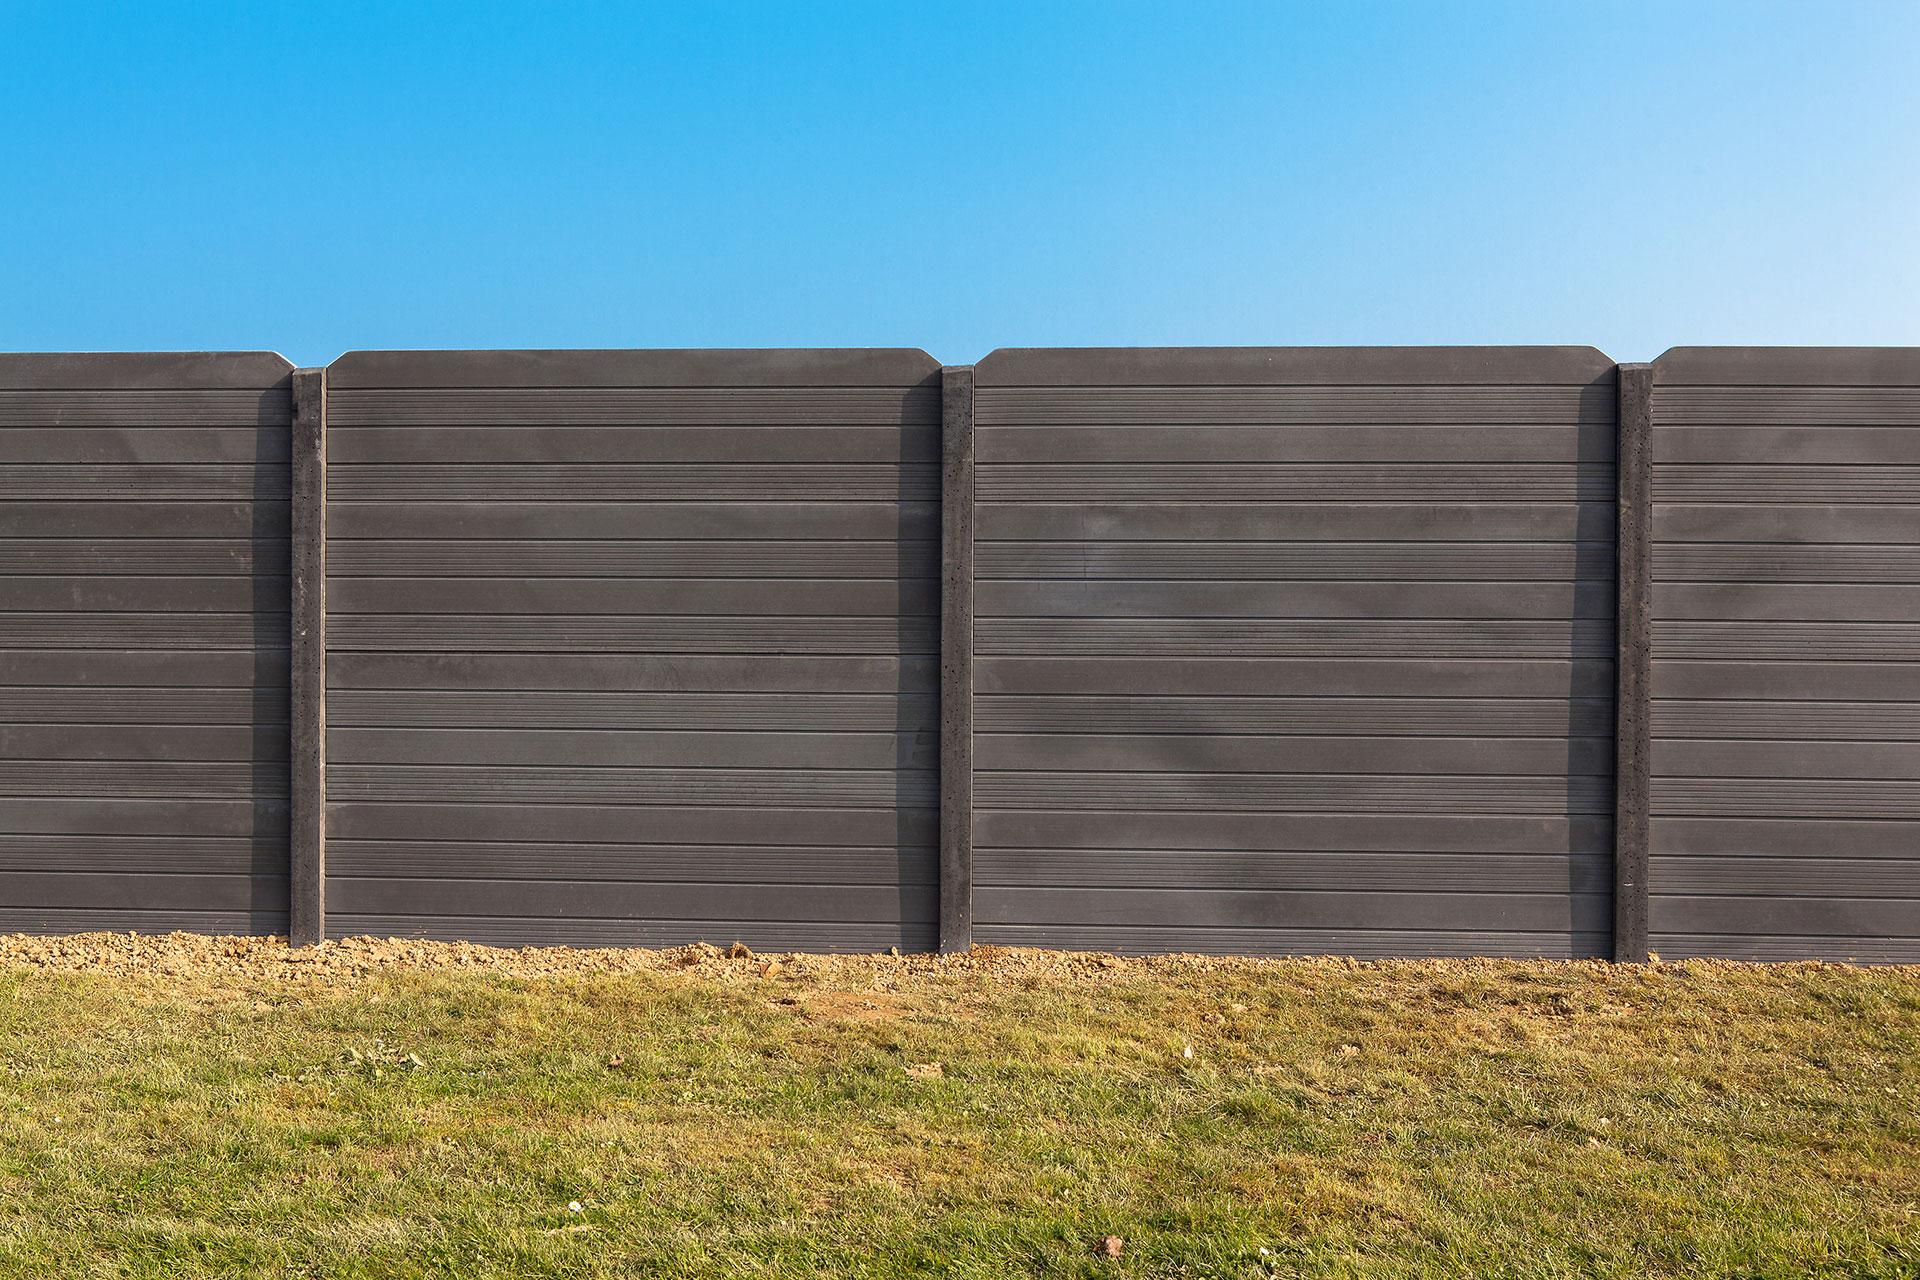 Rousseau Clotures Specialiste En Fabrication De Cloture Beton